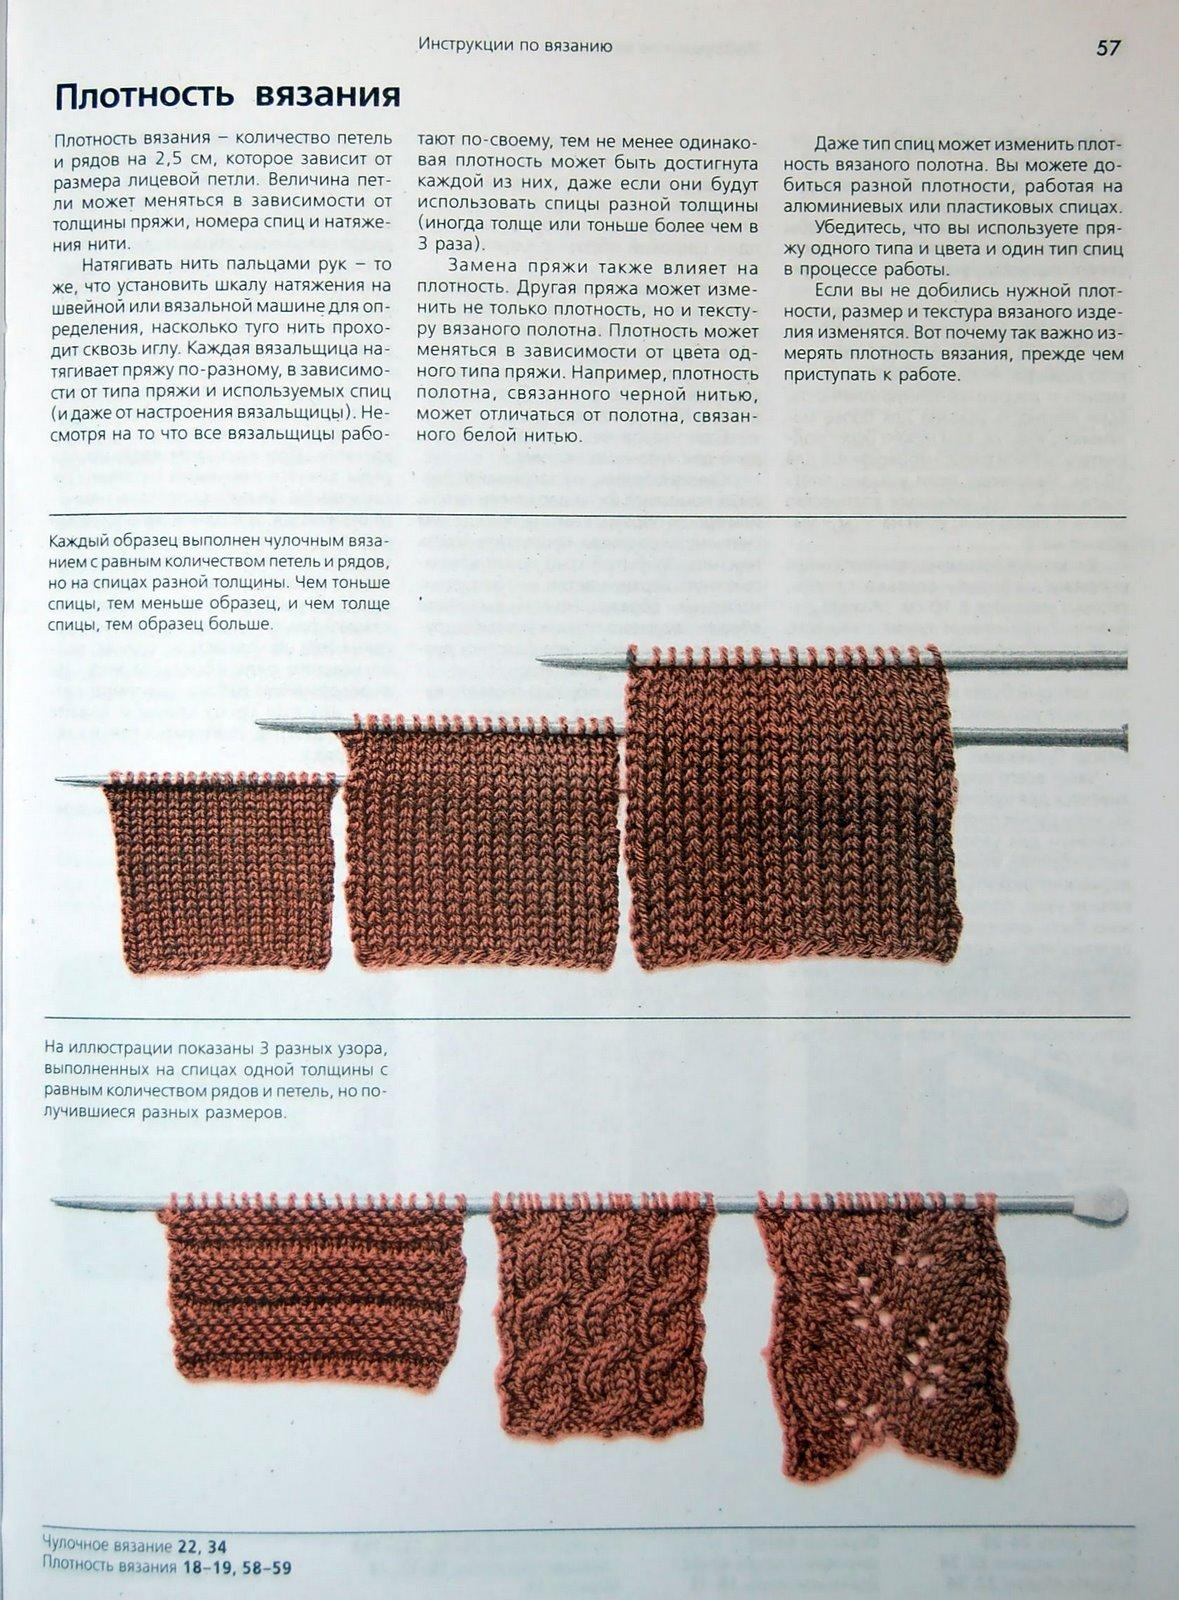 При вязании тонкими спицами из толстой пряжи полотно получается более